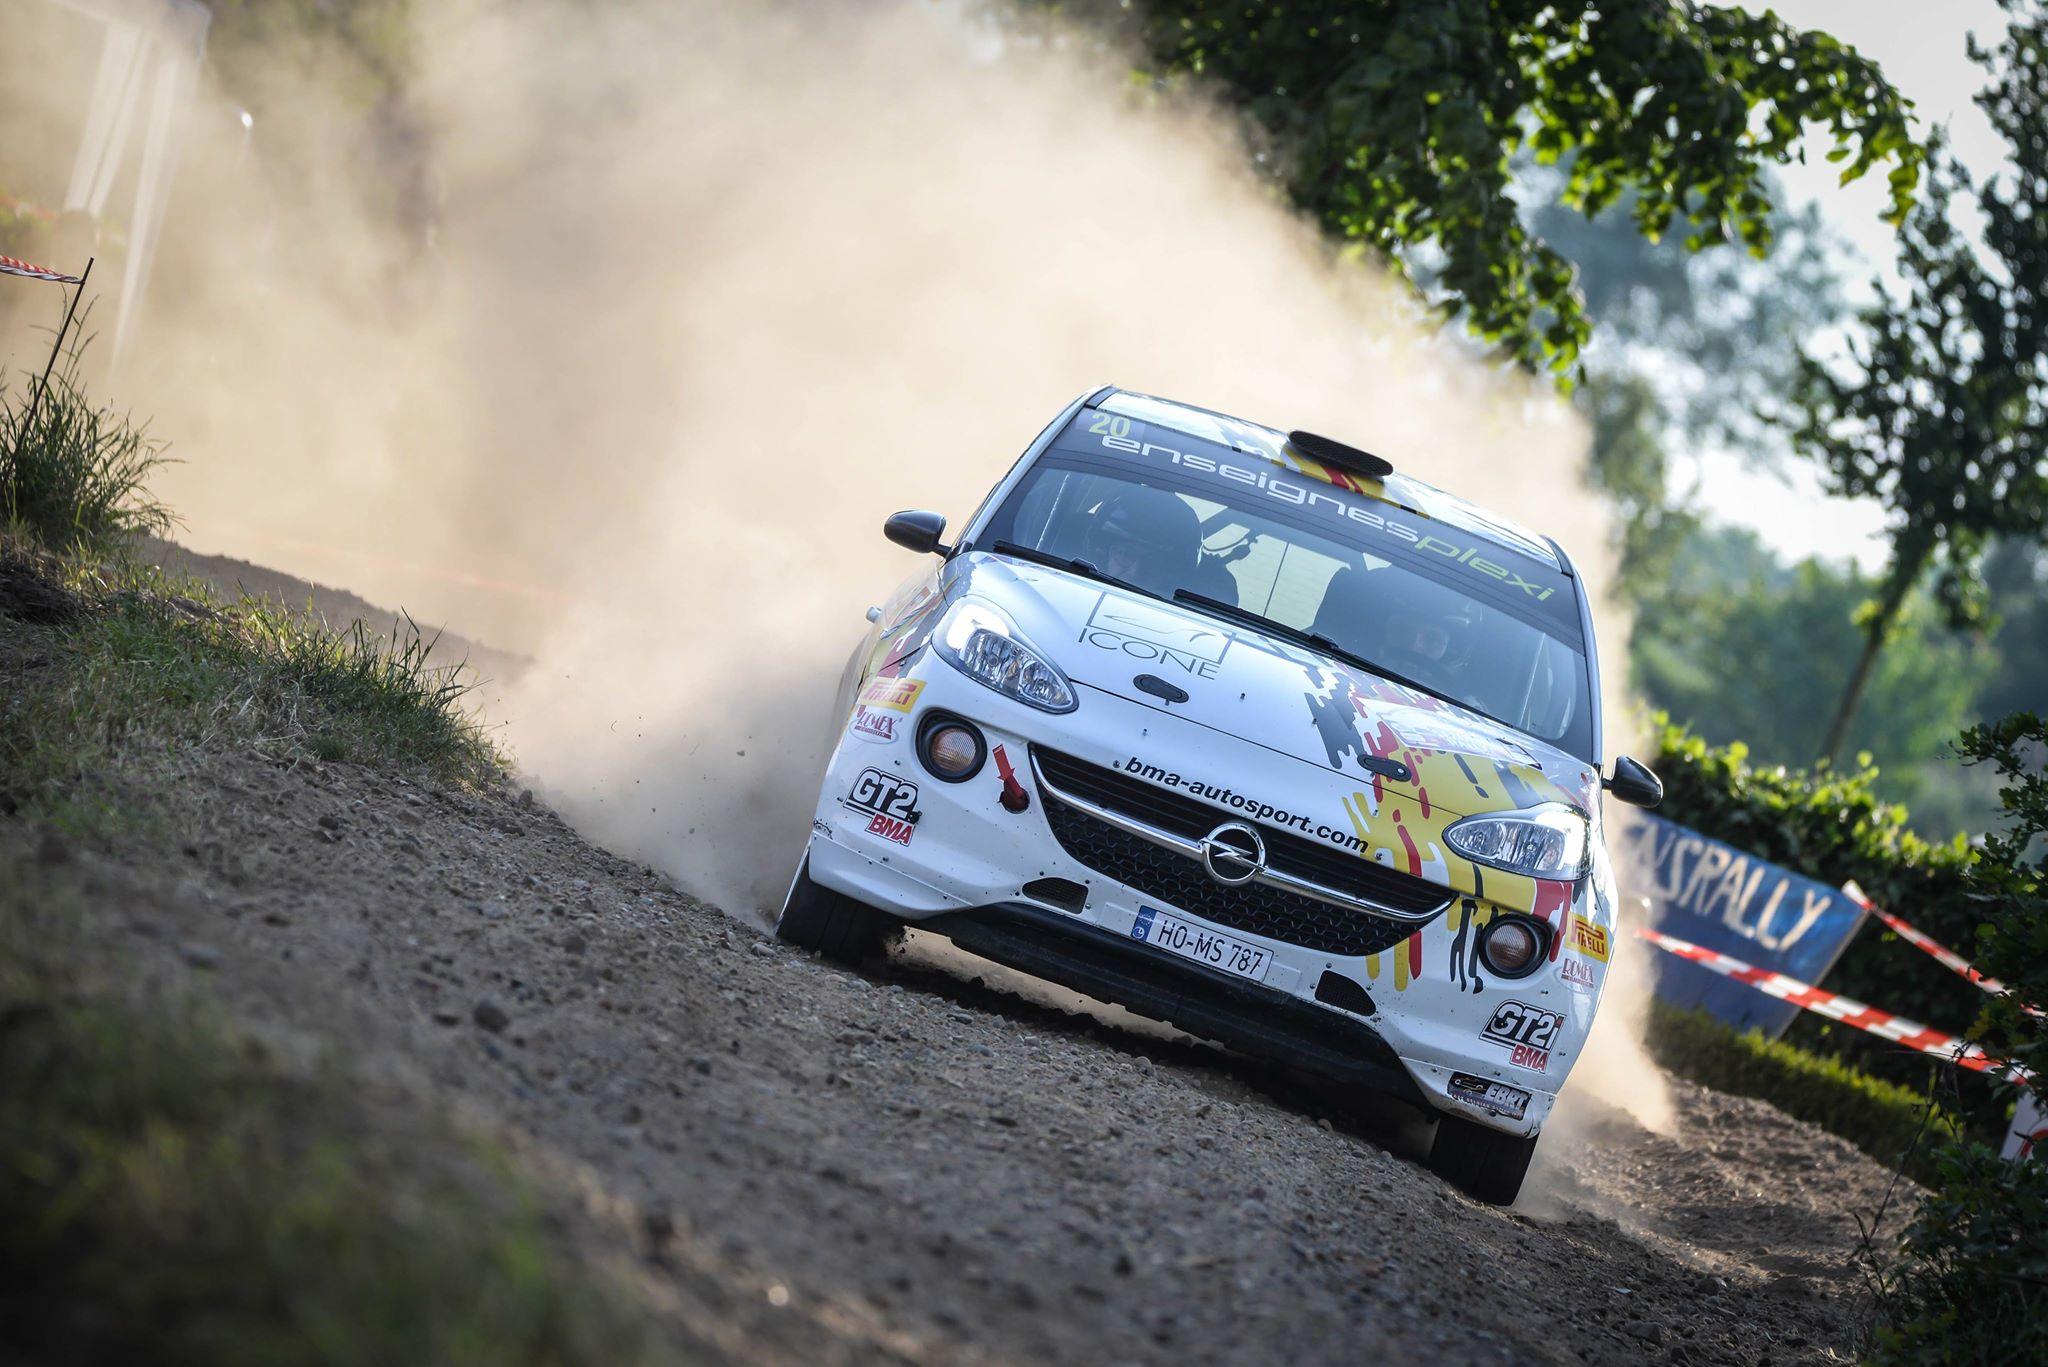 Sezoens Rally 2018